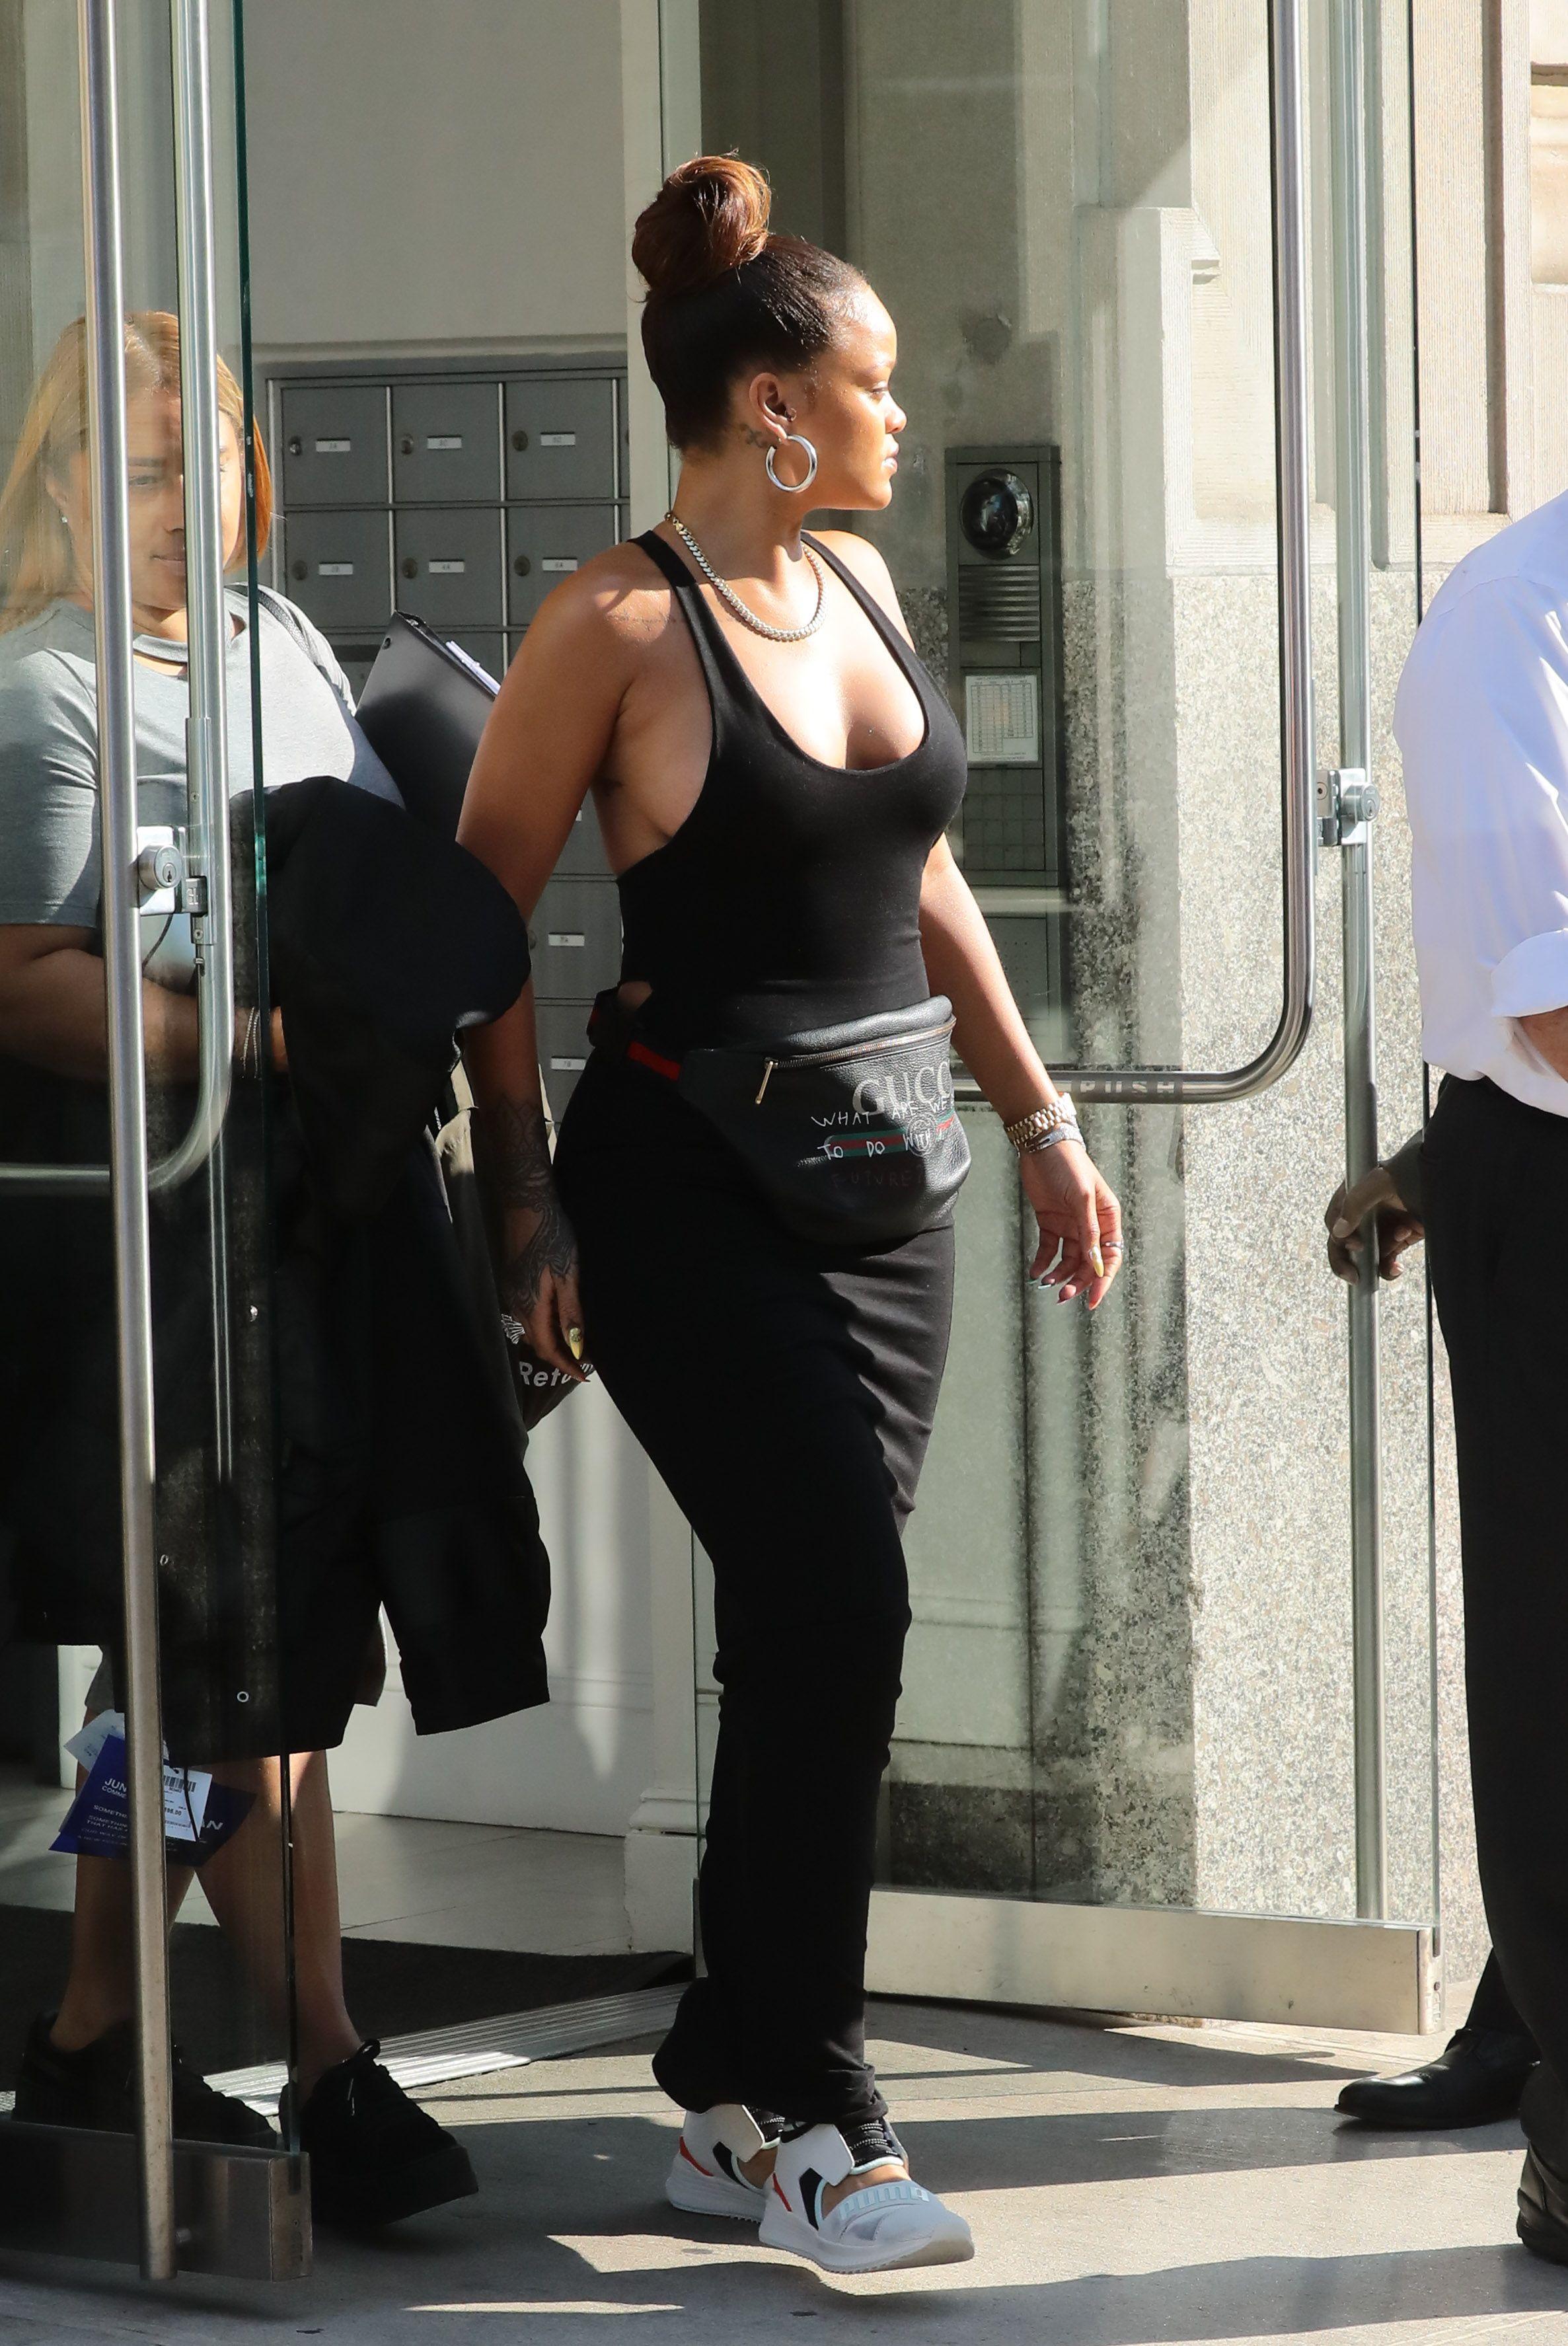 Rihanna-Braless-6-thefappeningblog.com_.jpg